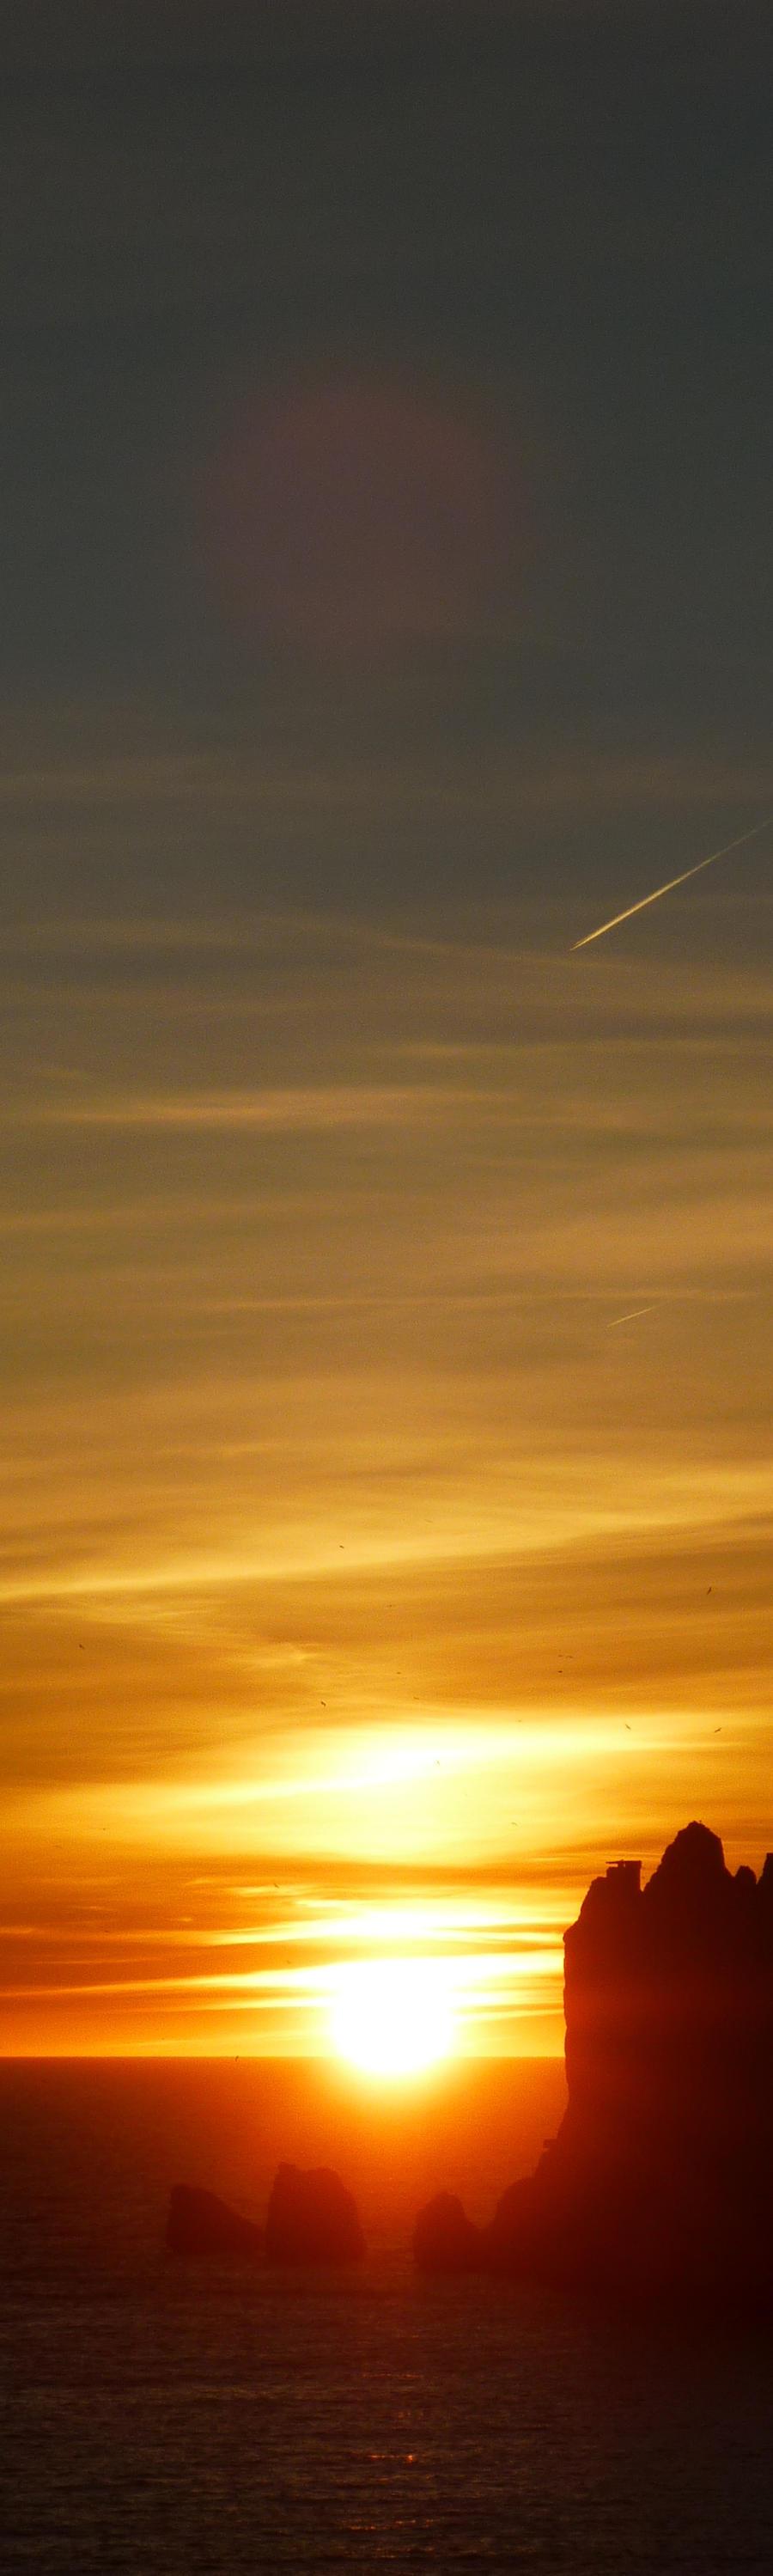 Sunset Bookmark by Soso-sama